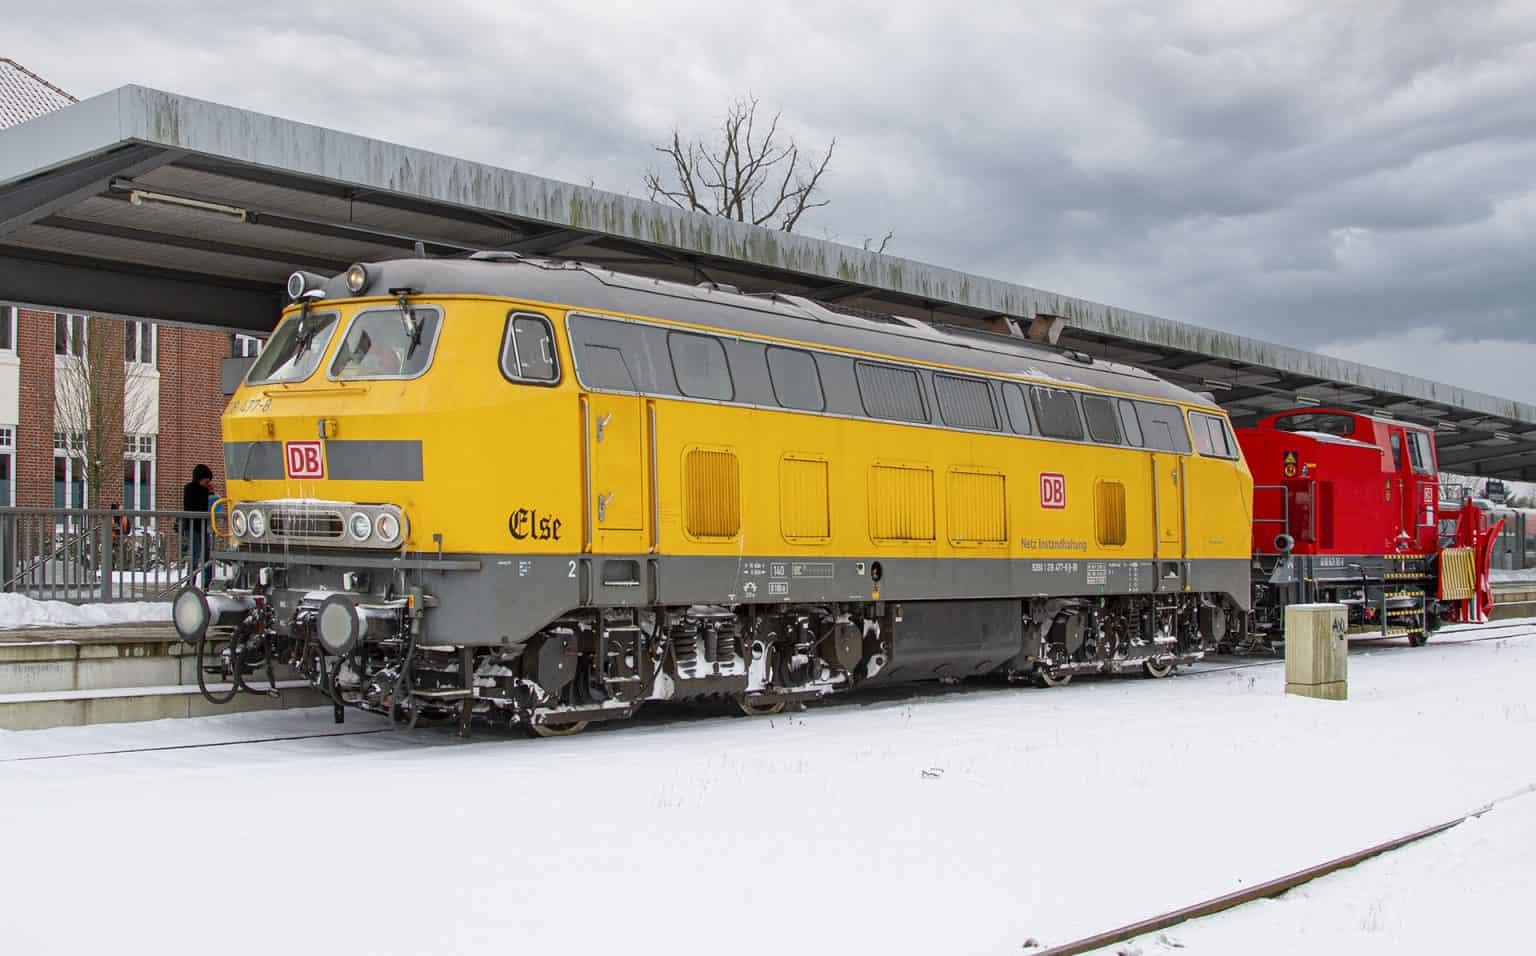 Loc 218 477 en de sneeuwploeg wachten in station Gronau op vertrek naar Coesfeld.